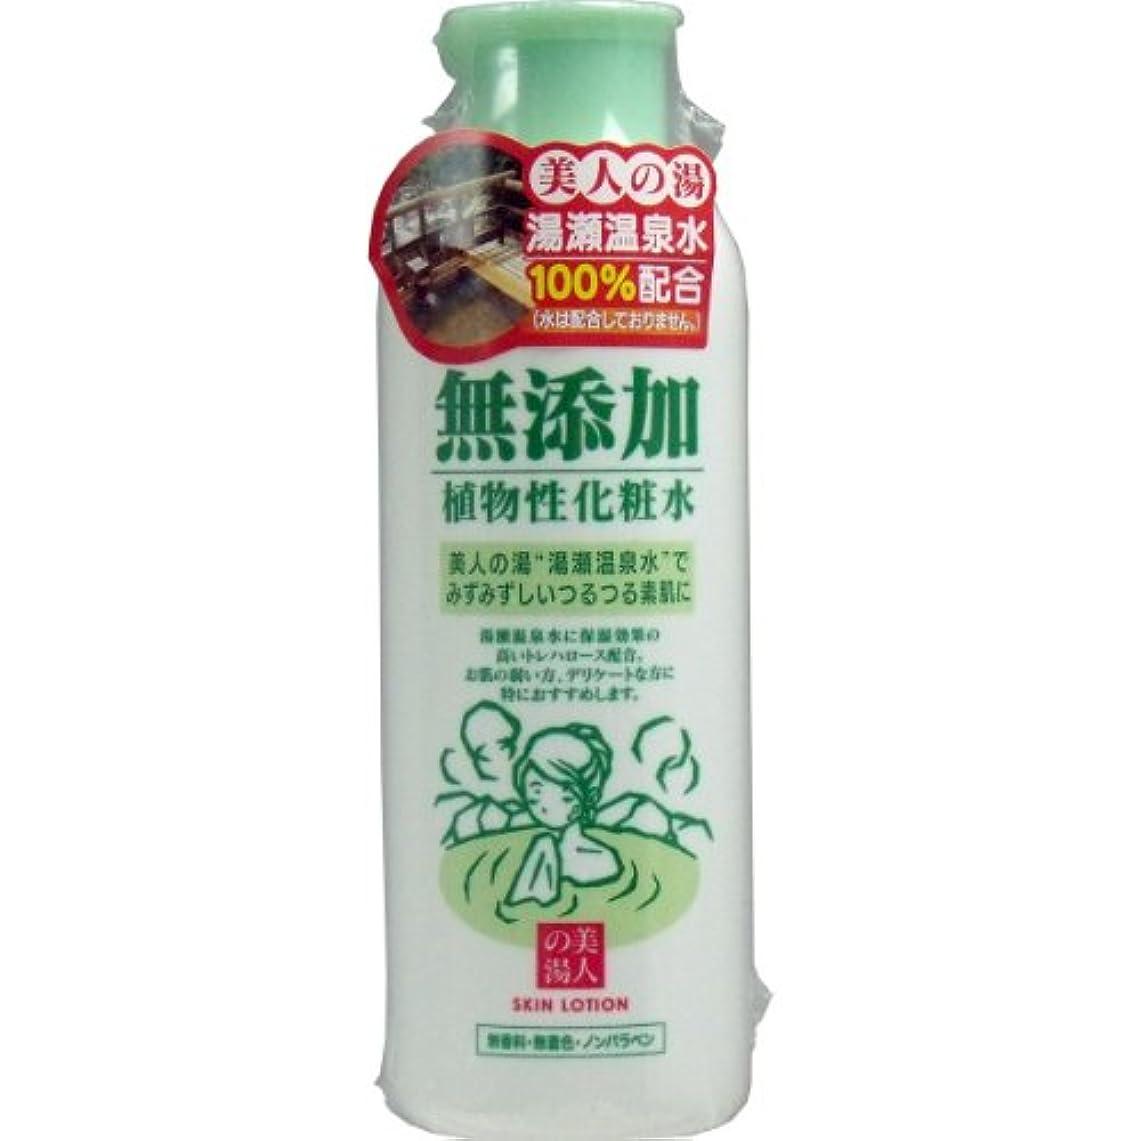 クライアントエスカレーター最近ユゼ 無添加植物性 化粧水 200ml 【3セット】